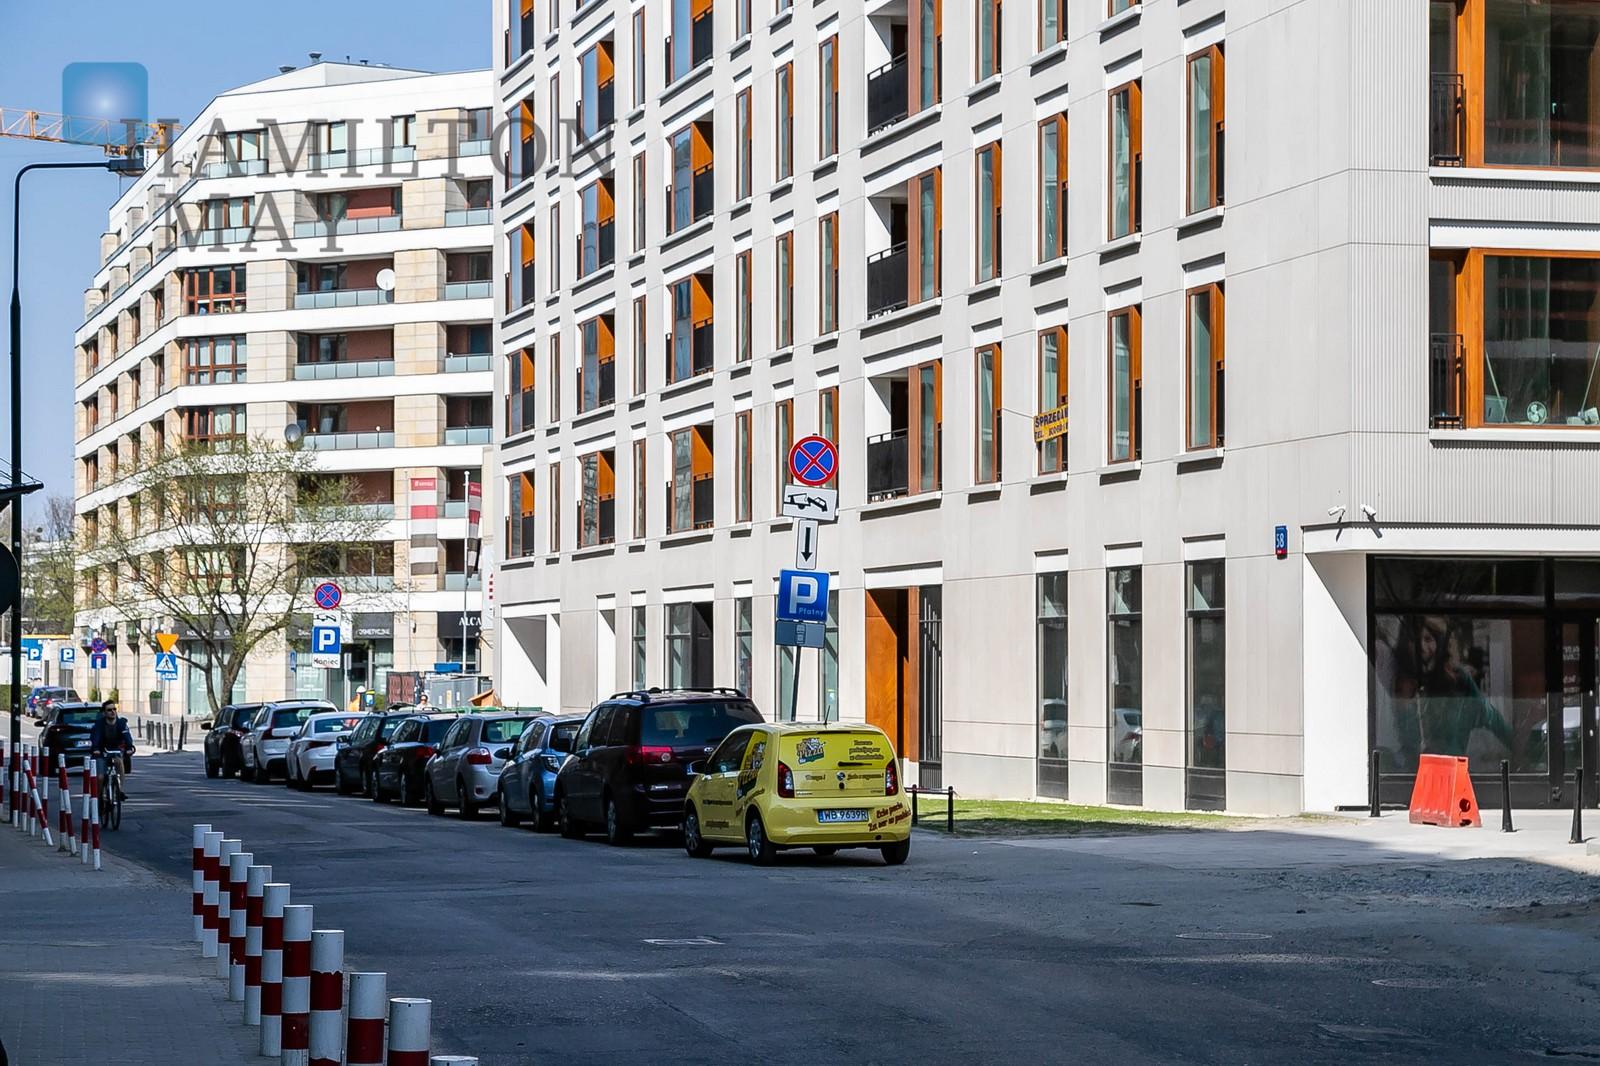 Browary Warszawskie Warsaw development photo